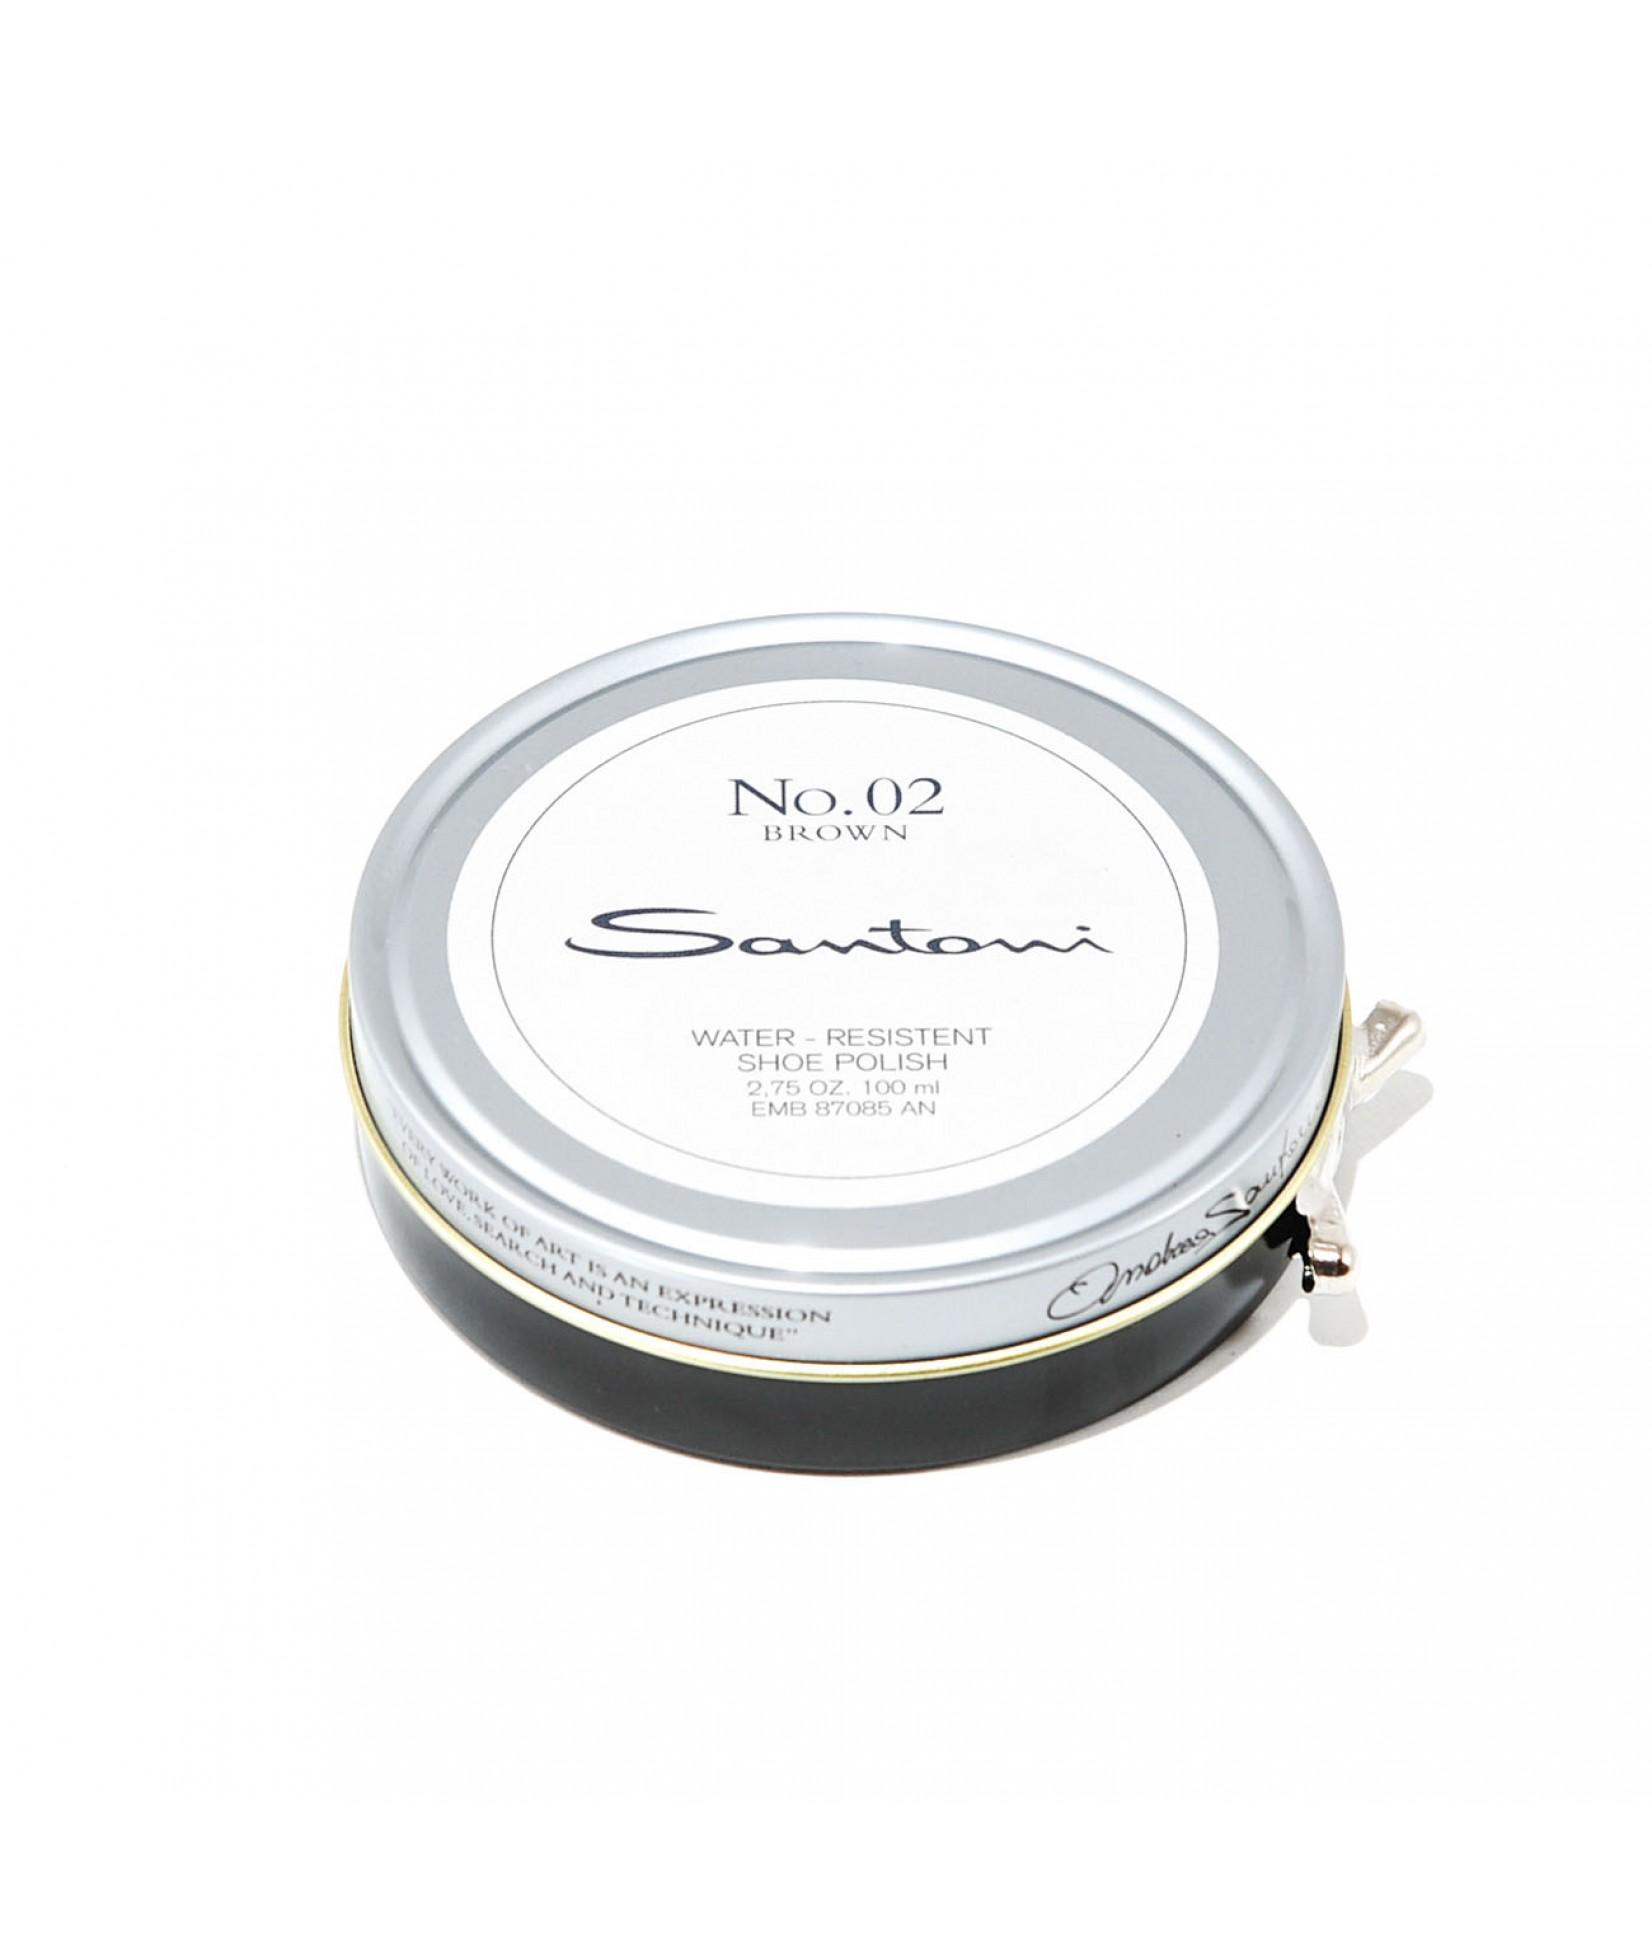 Santoni beeswax shoe polish (brown)